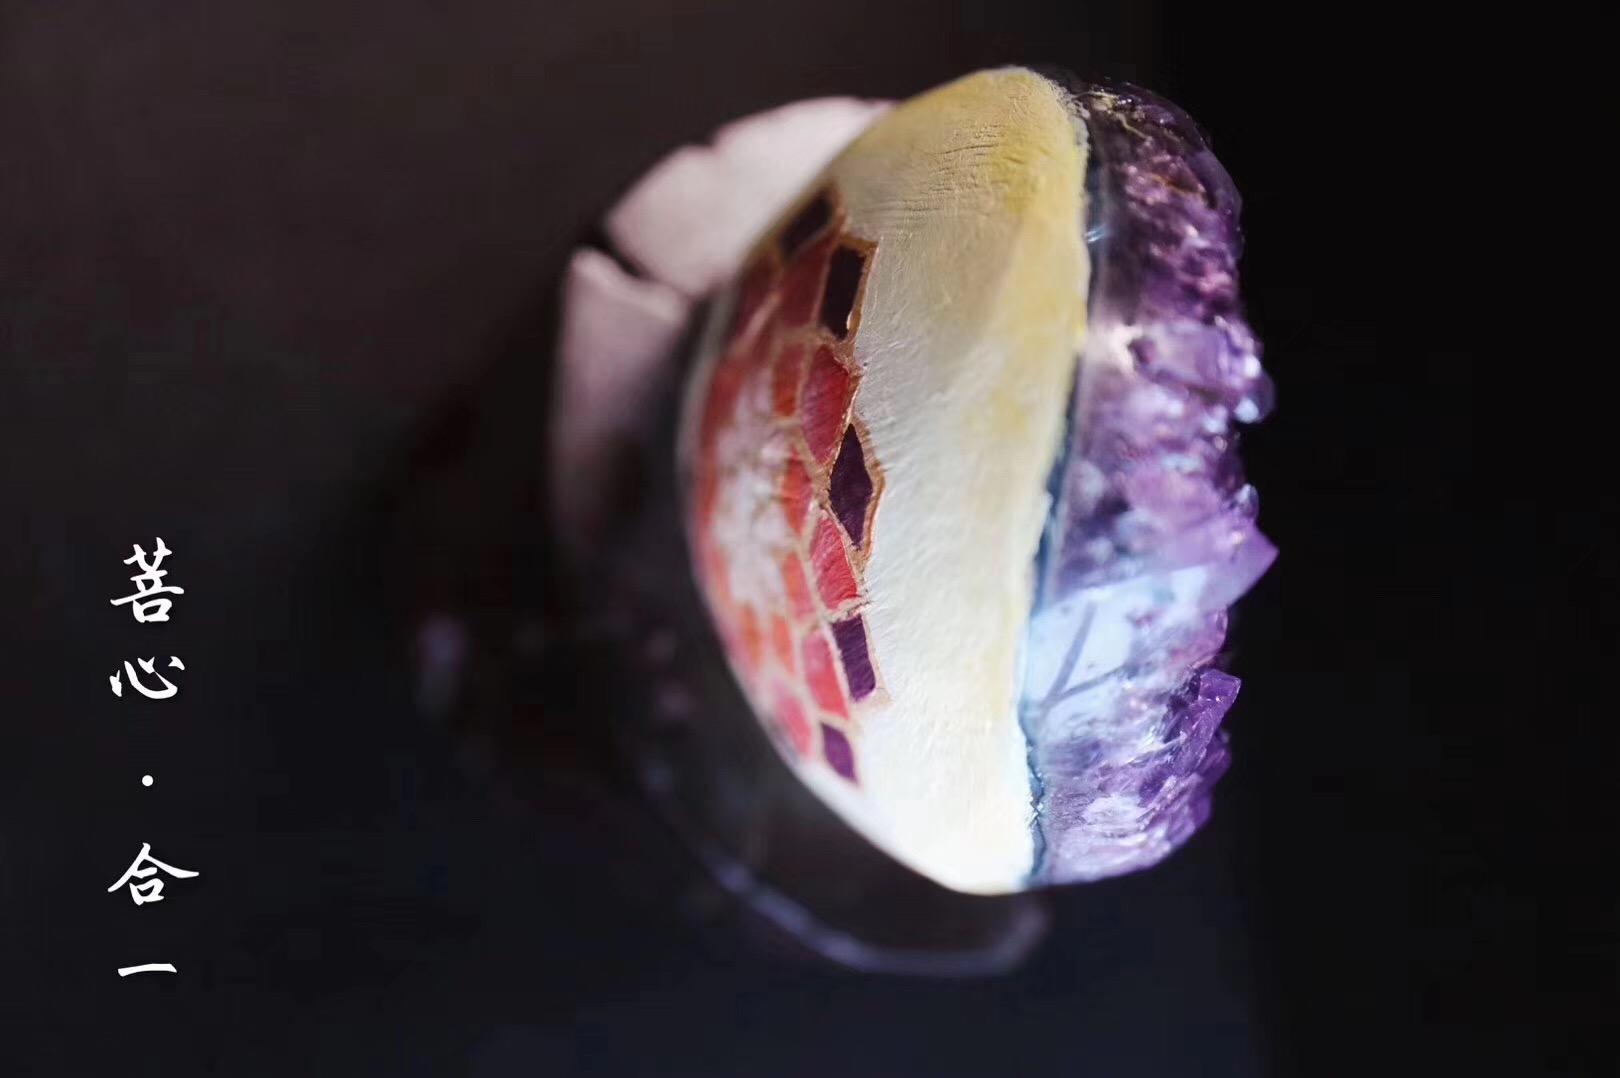 【菩心 | 紫晶簇】今日的主题,是合一-菩心晶舍